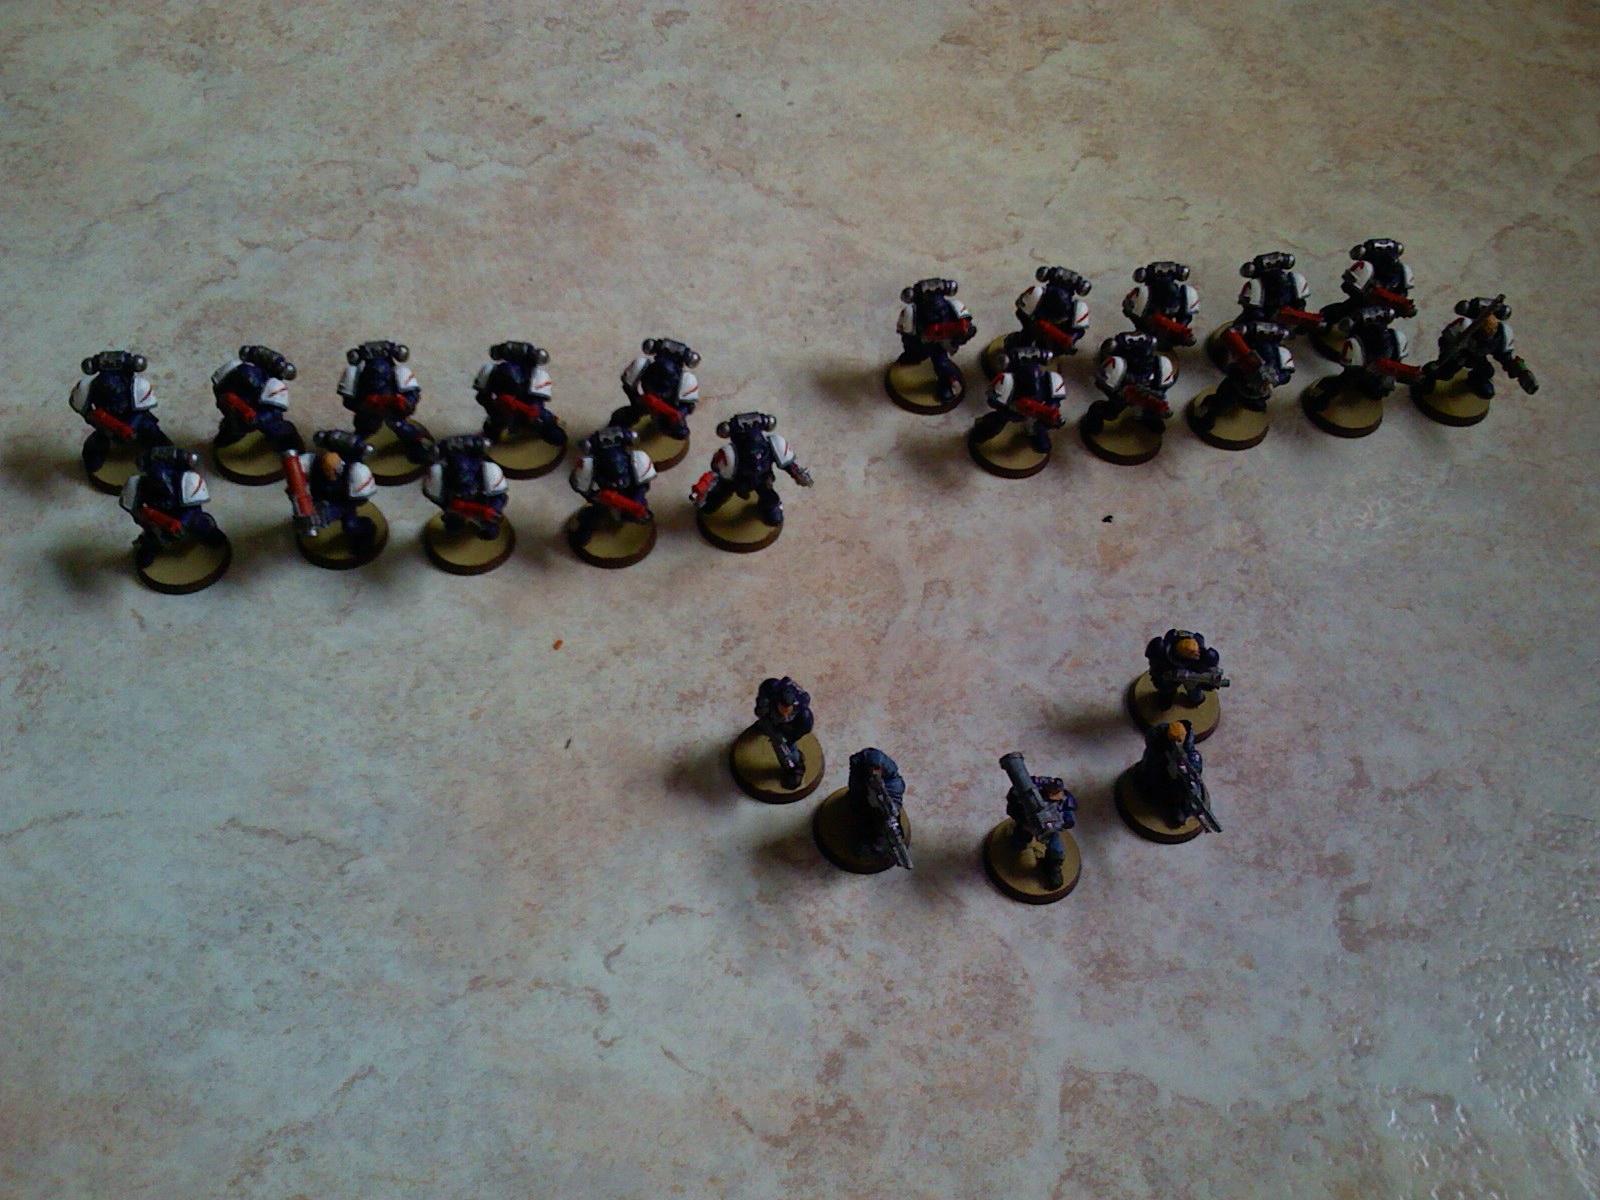 Crimson Swords, Space Marines, Troops, Warhammer 40,000